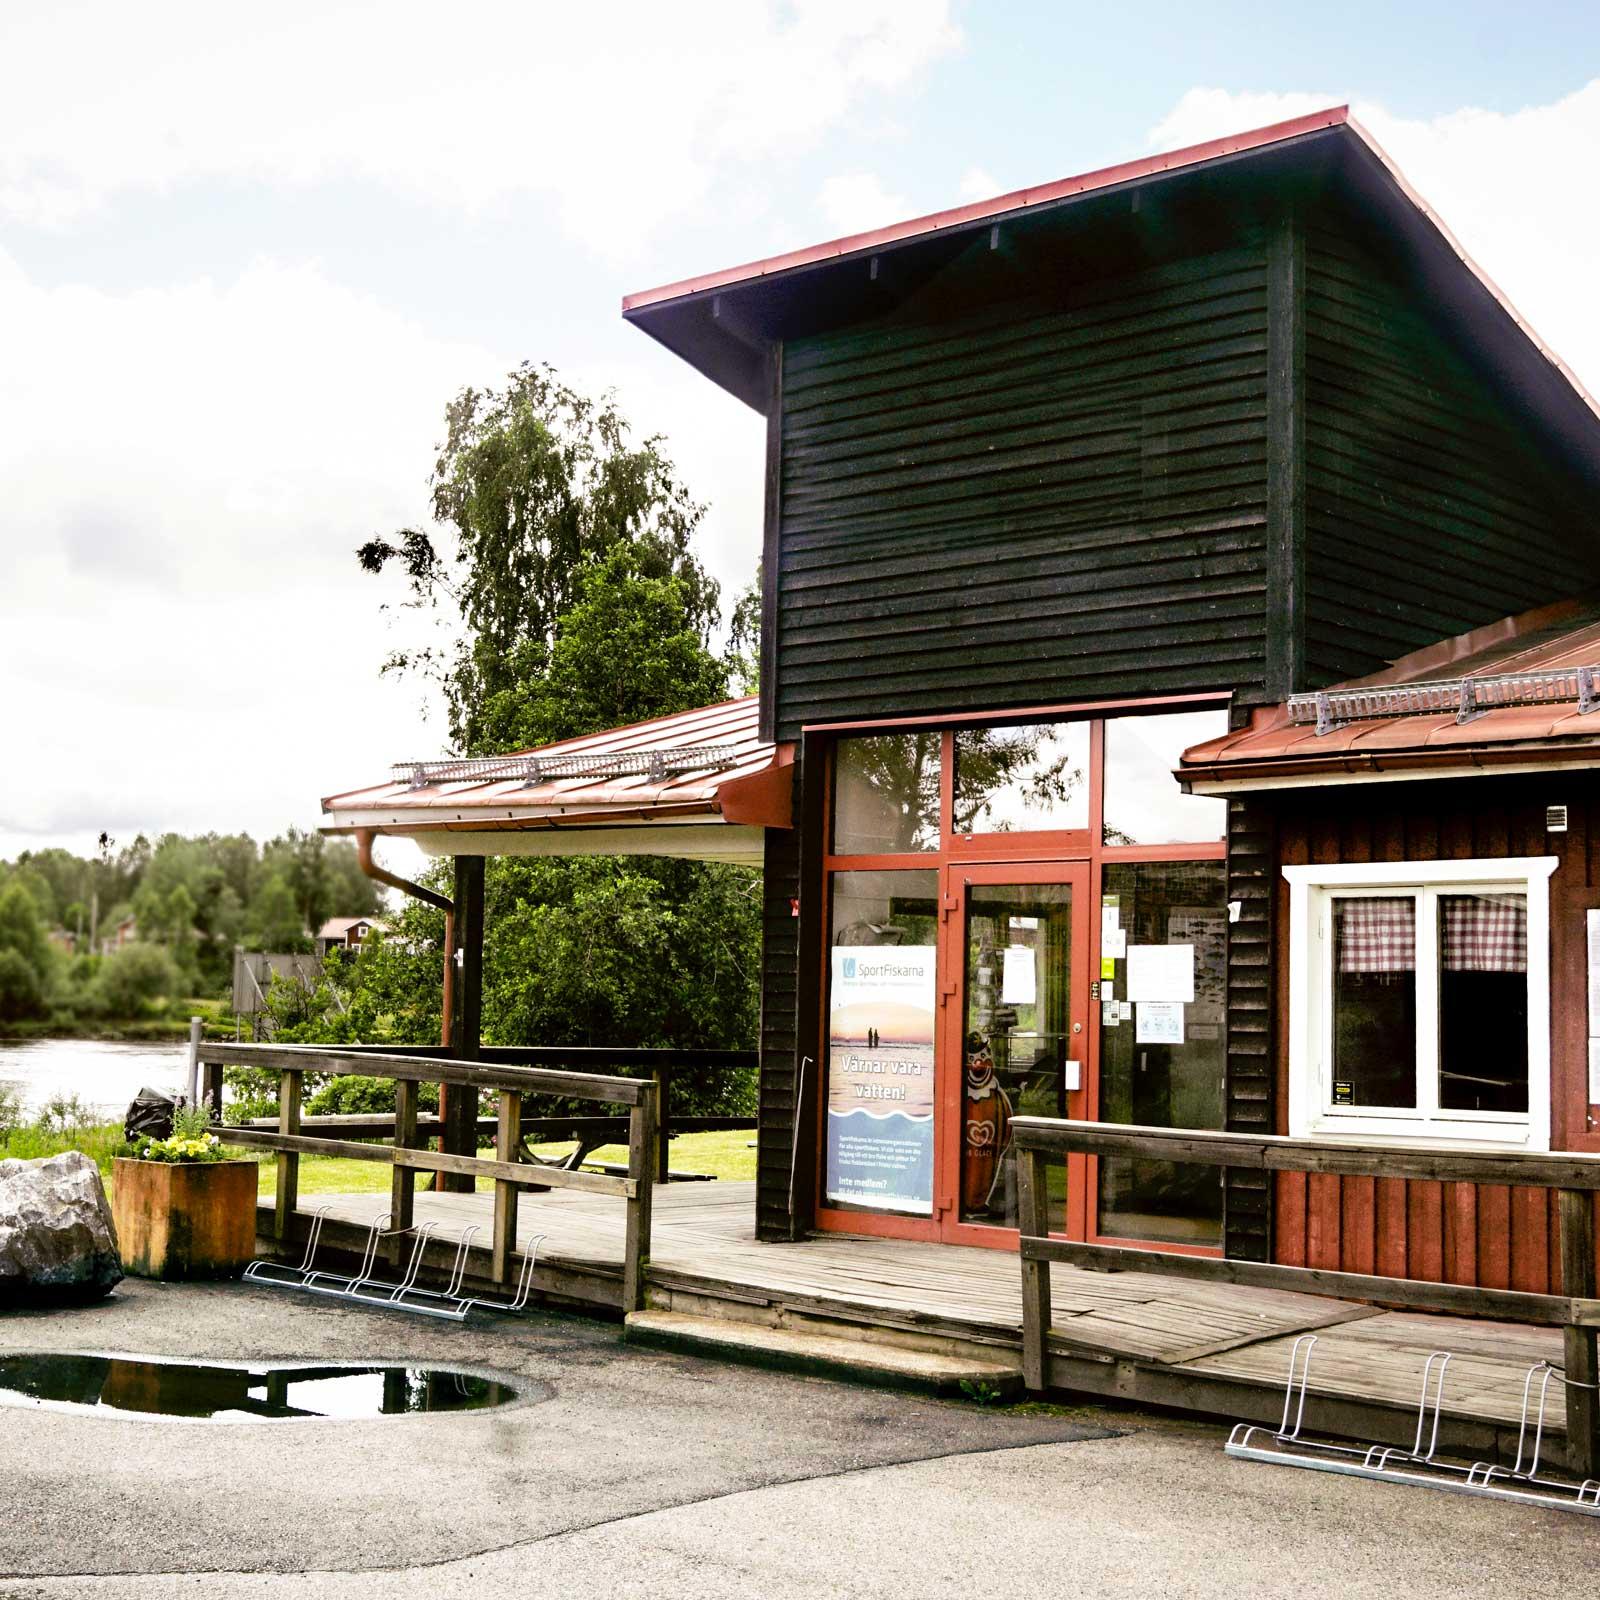 Forshaga kommun äger och regionavdelningen av organisationen Sportfiskarna arrenderar.